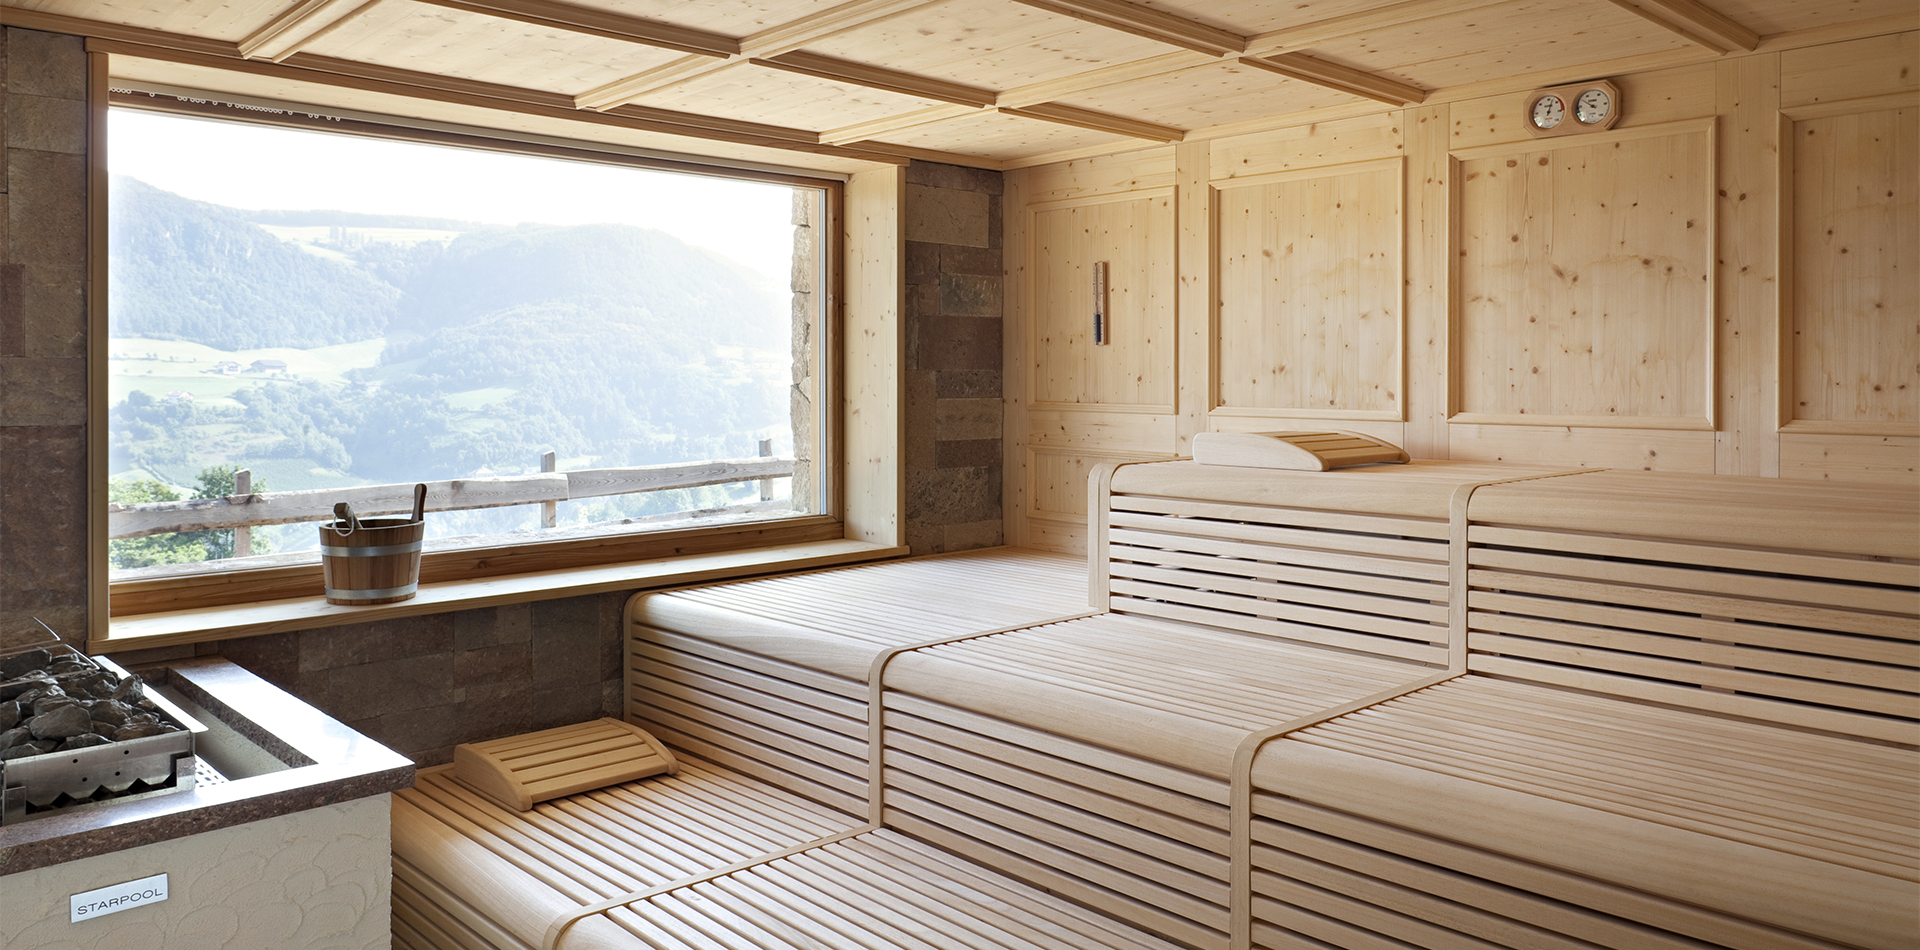 sauna tyroler 2